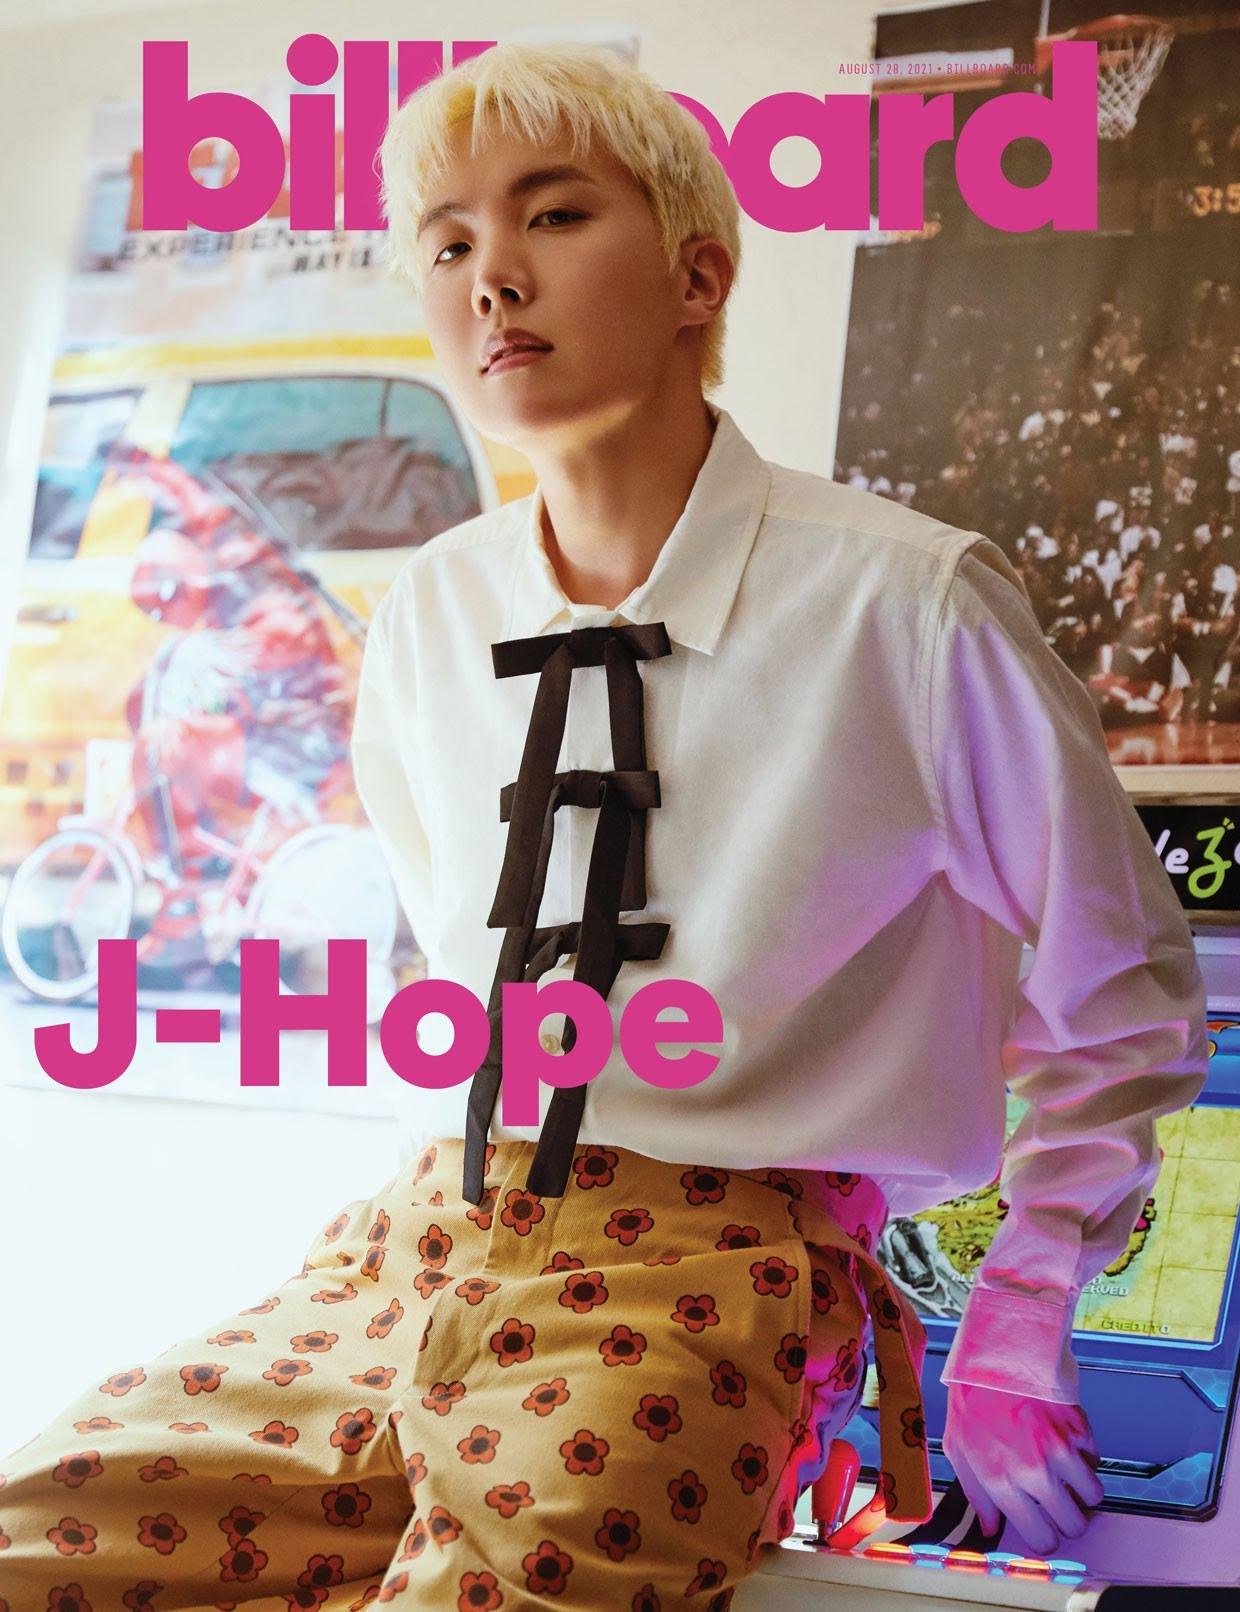 J-Hope-bb12-cover-bts-billboard-1240-1629975125-compressed